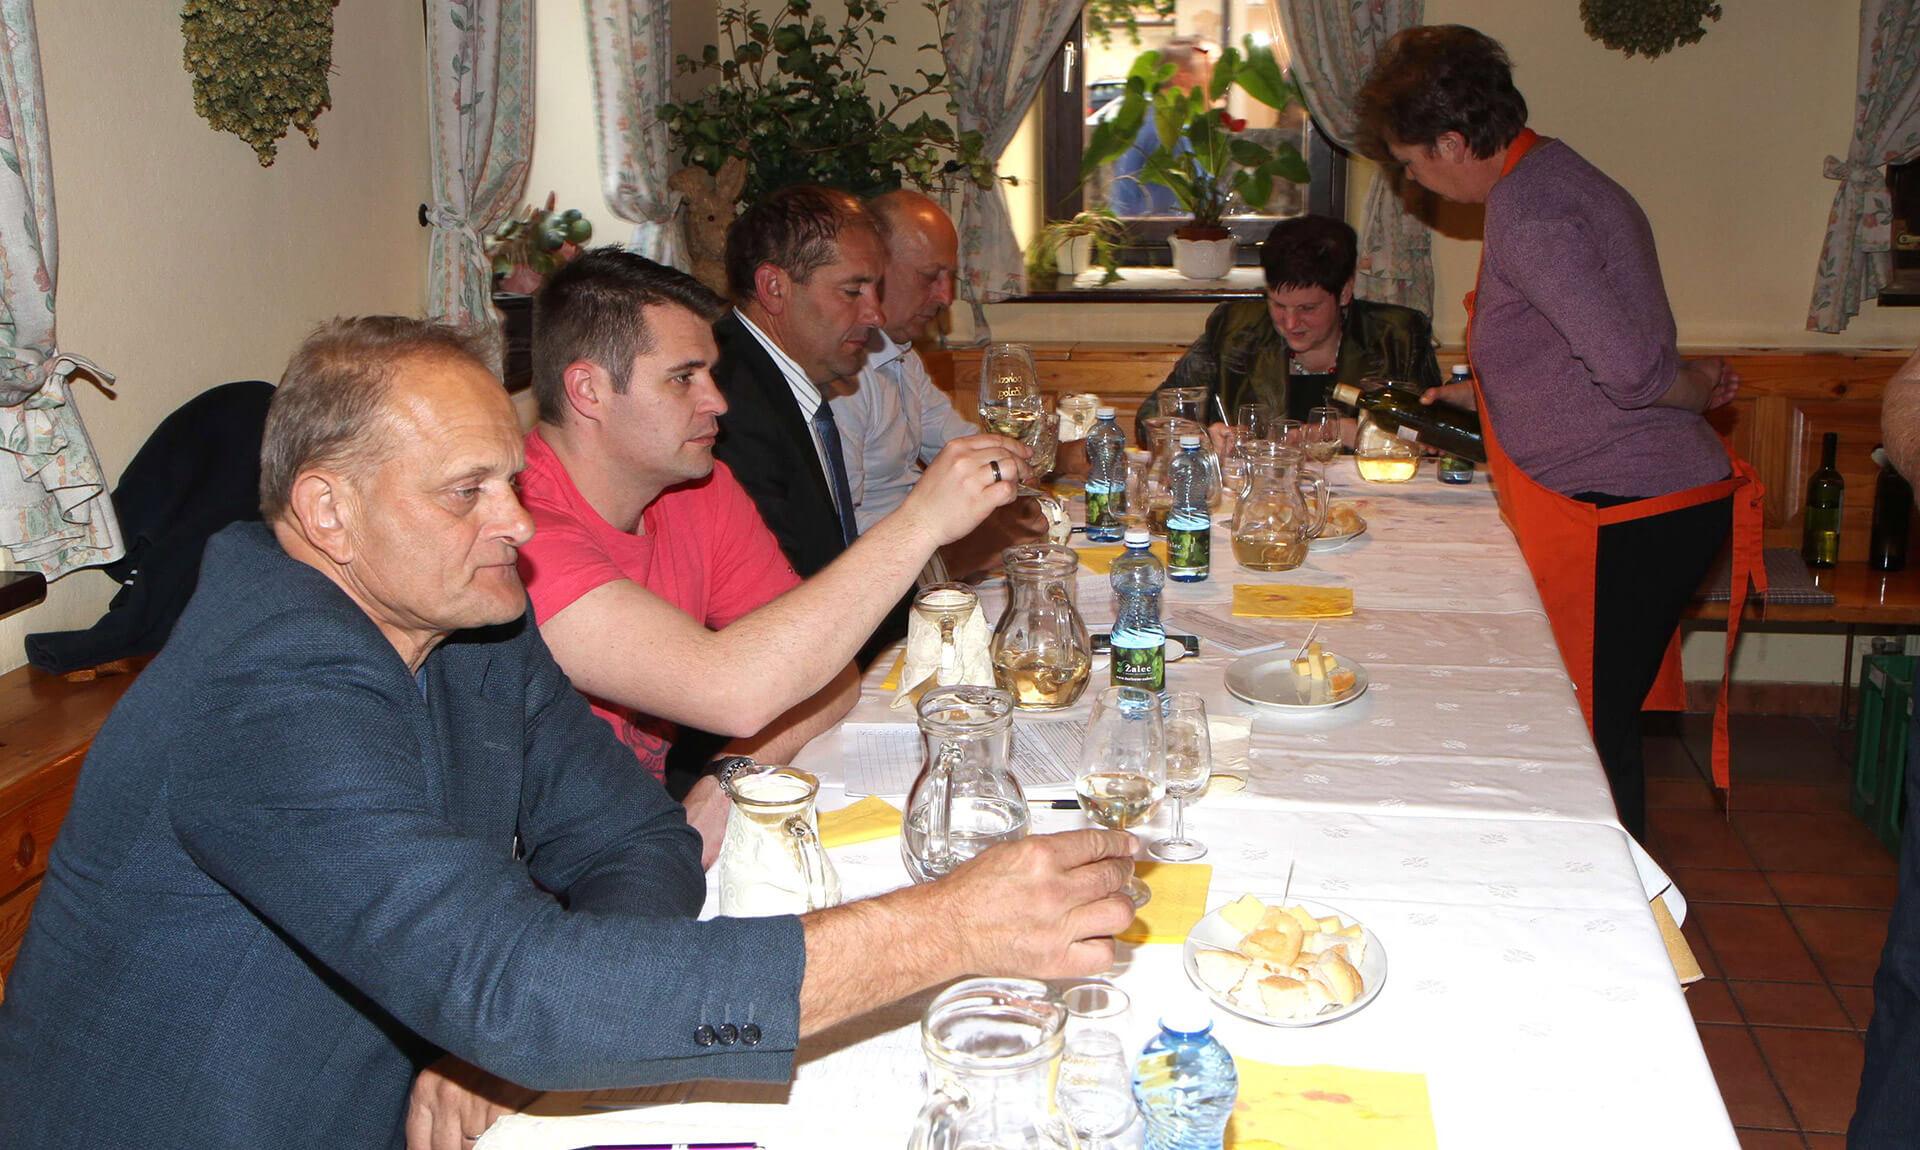 Ocenjevanje vin na Izletniški kmetiji Mlinar v Gotovljah 2017